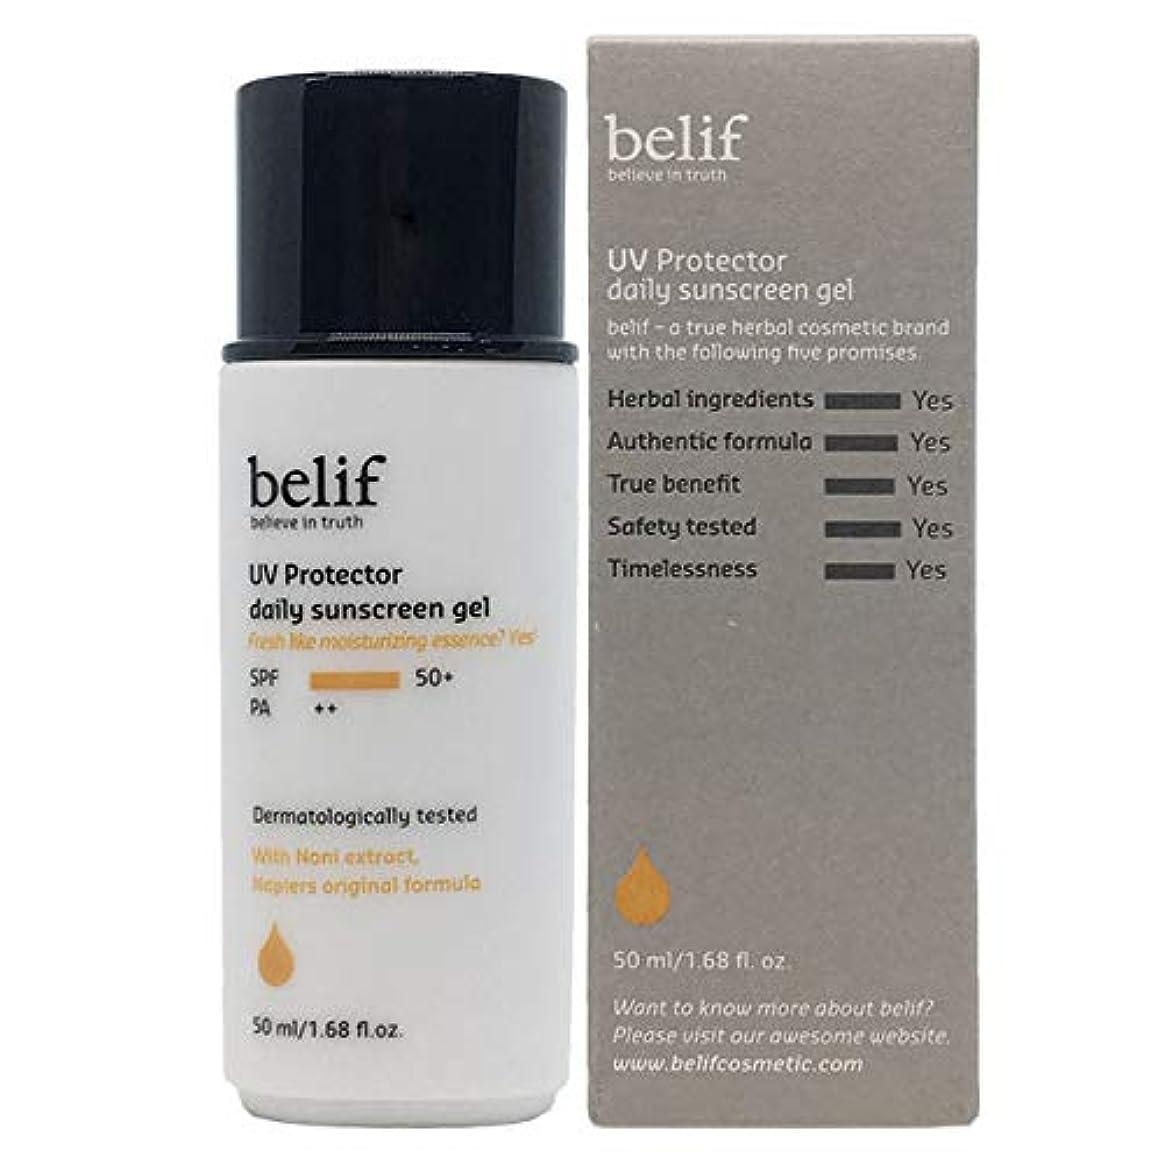 ホラースリムに対してBelif(ビリーフ)UV Protector Daily Sunscreen Gel 50ml/ビリーフUVプロテクター サンスクリーン ジェル